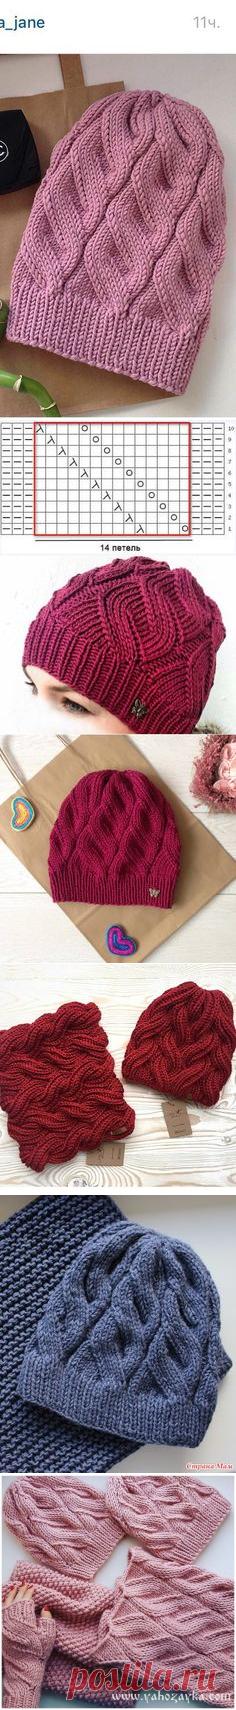 El juego de estilo: el gorro, mitenki, snud por los rayos. El gorrito y snud vinculado por los rayos por la cinta volumétrica la lalo-trenza. | Knitting | Crochet, Chrochet and Sew …